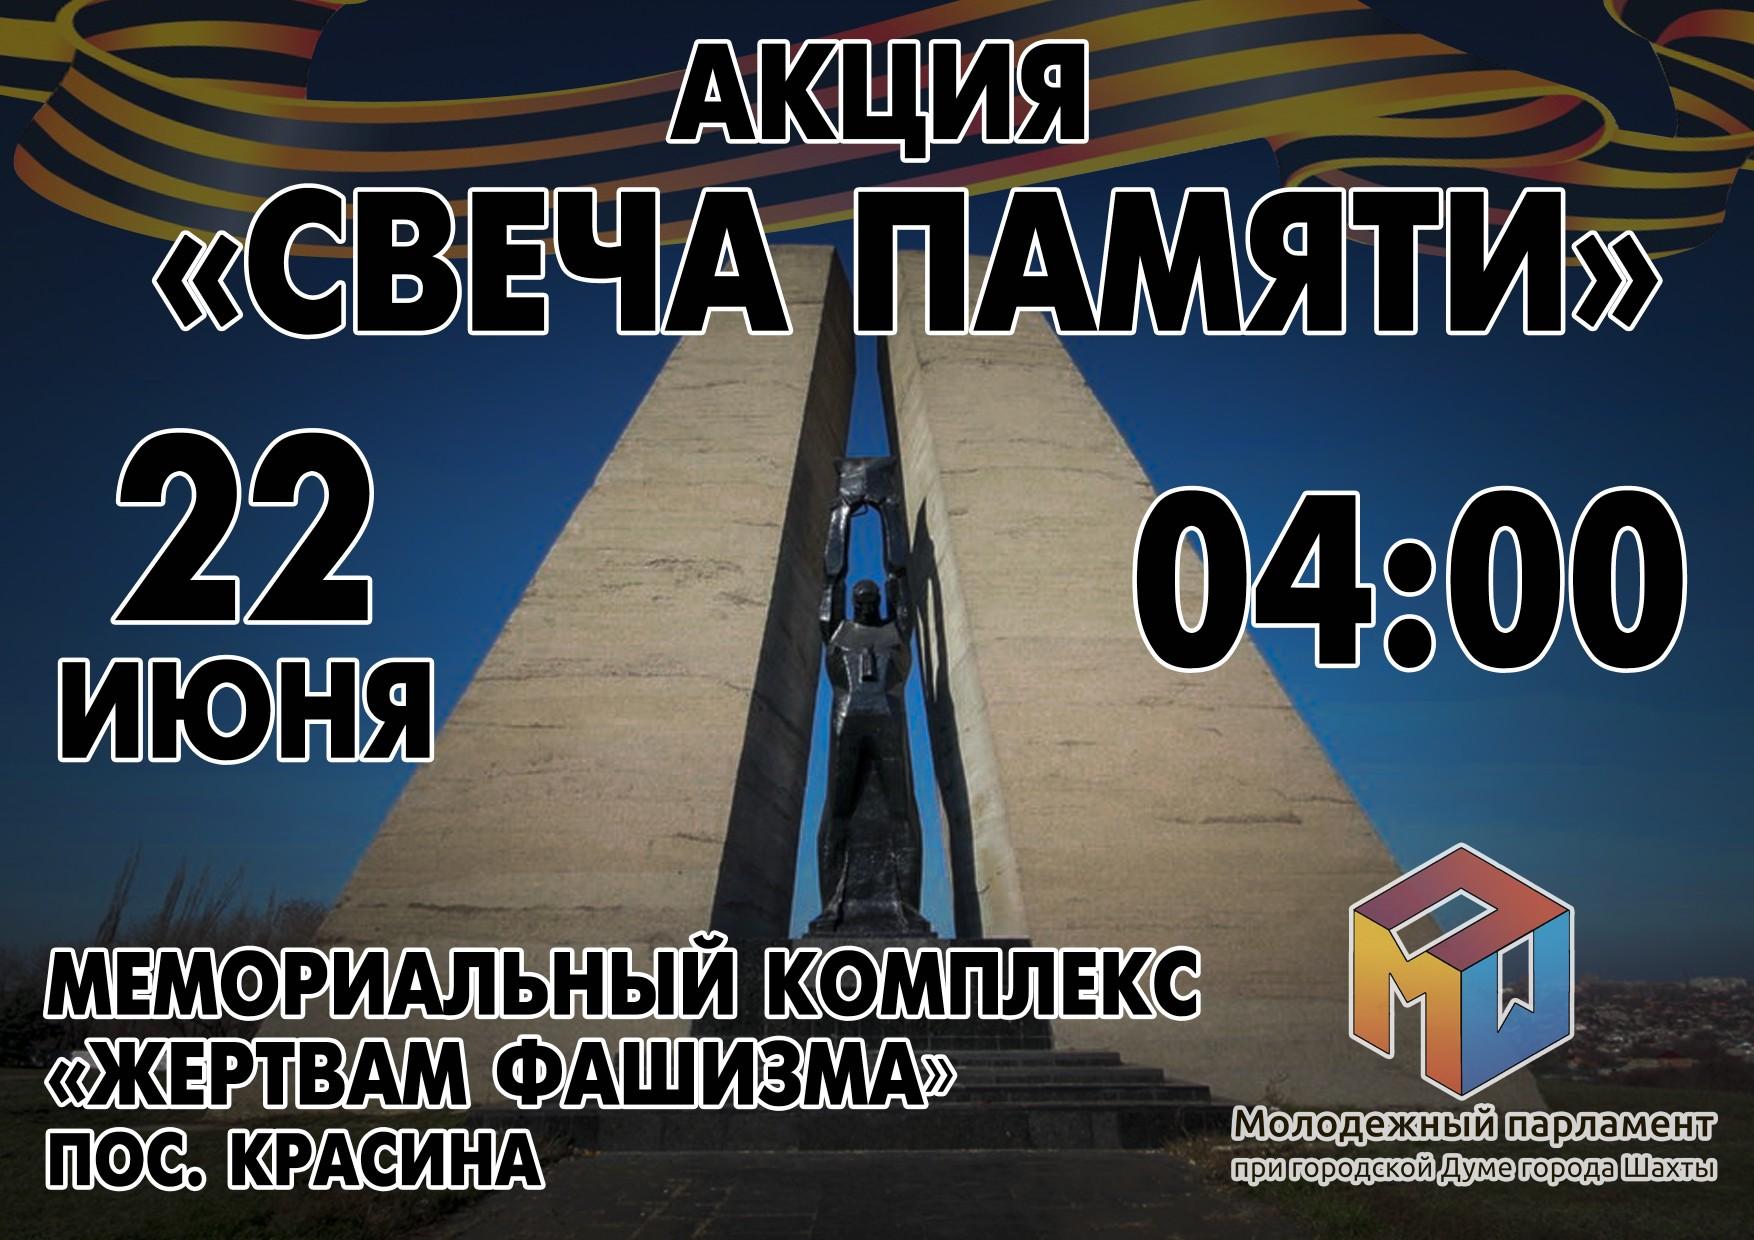 Приглашаем вас 22 июня, в 04.00 часа утра, в день и час начала Великой Отечественной Войны принять участие в традиционной акции «Свеча памяти»